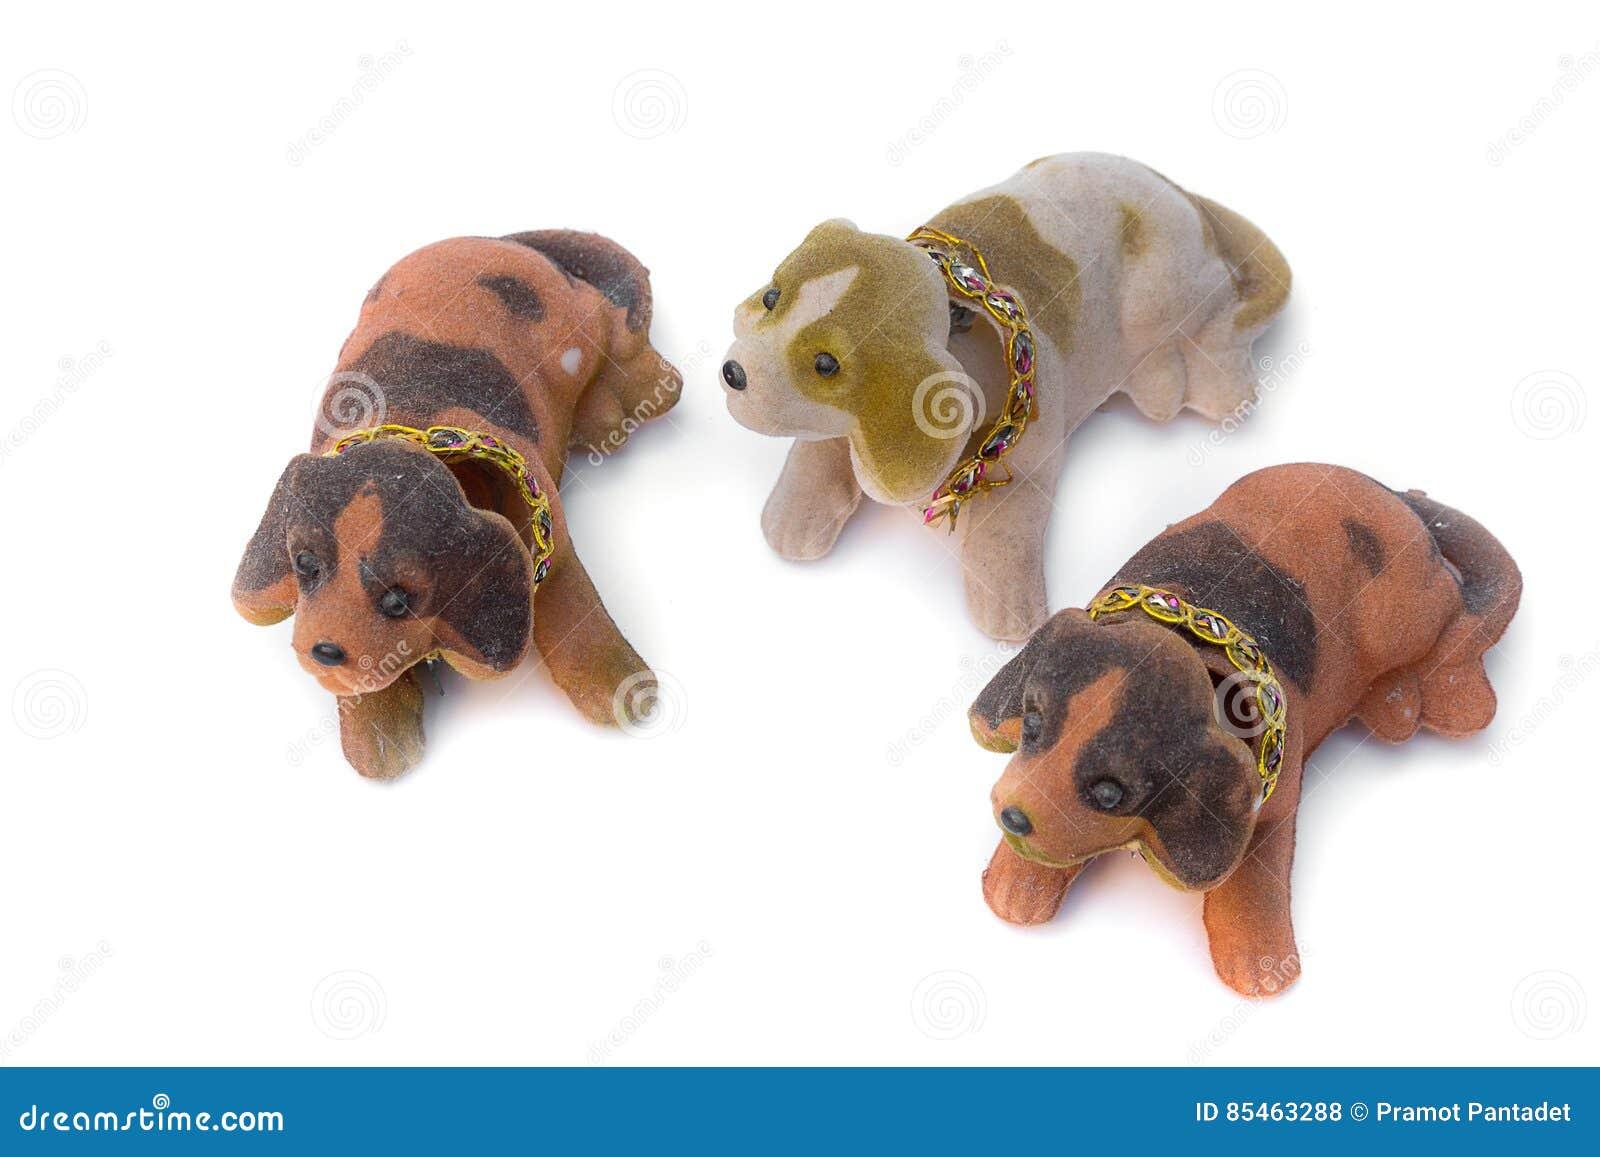 Foto Tres Para Los Archivo De Perros Juguete La Felpa Niños srdthCxQ